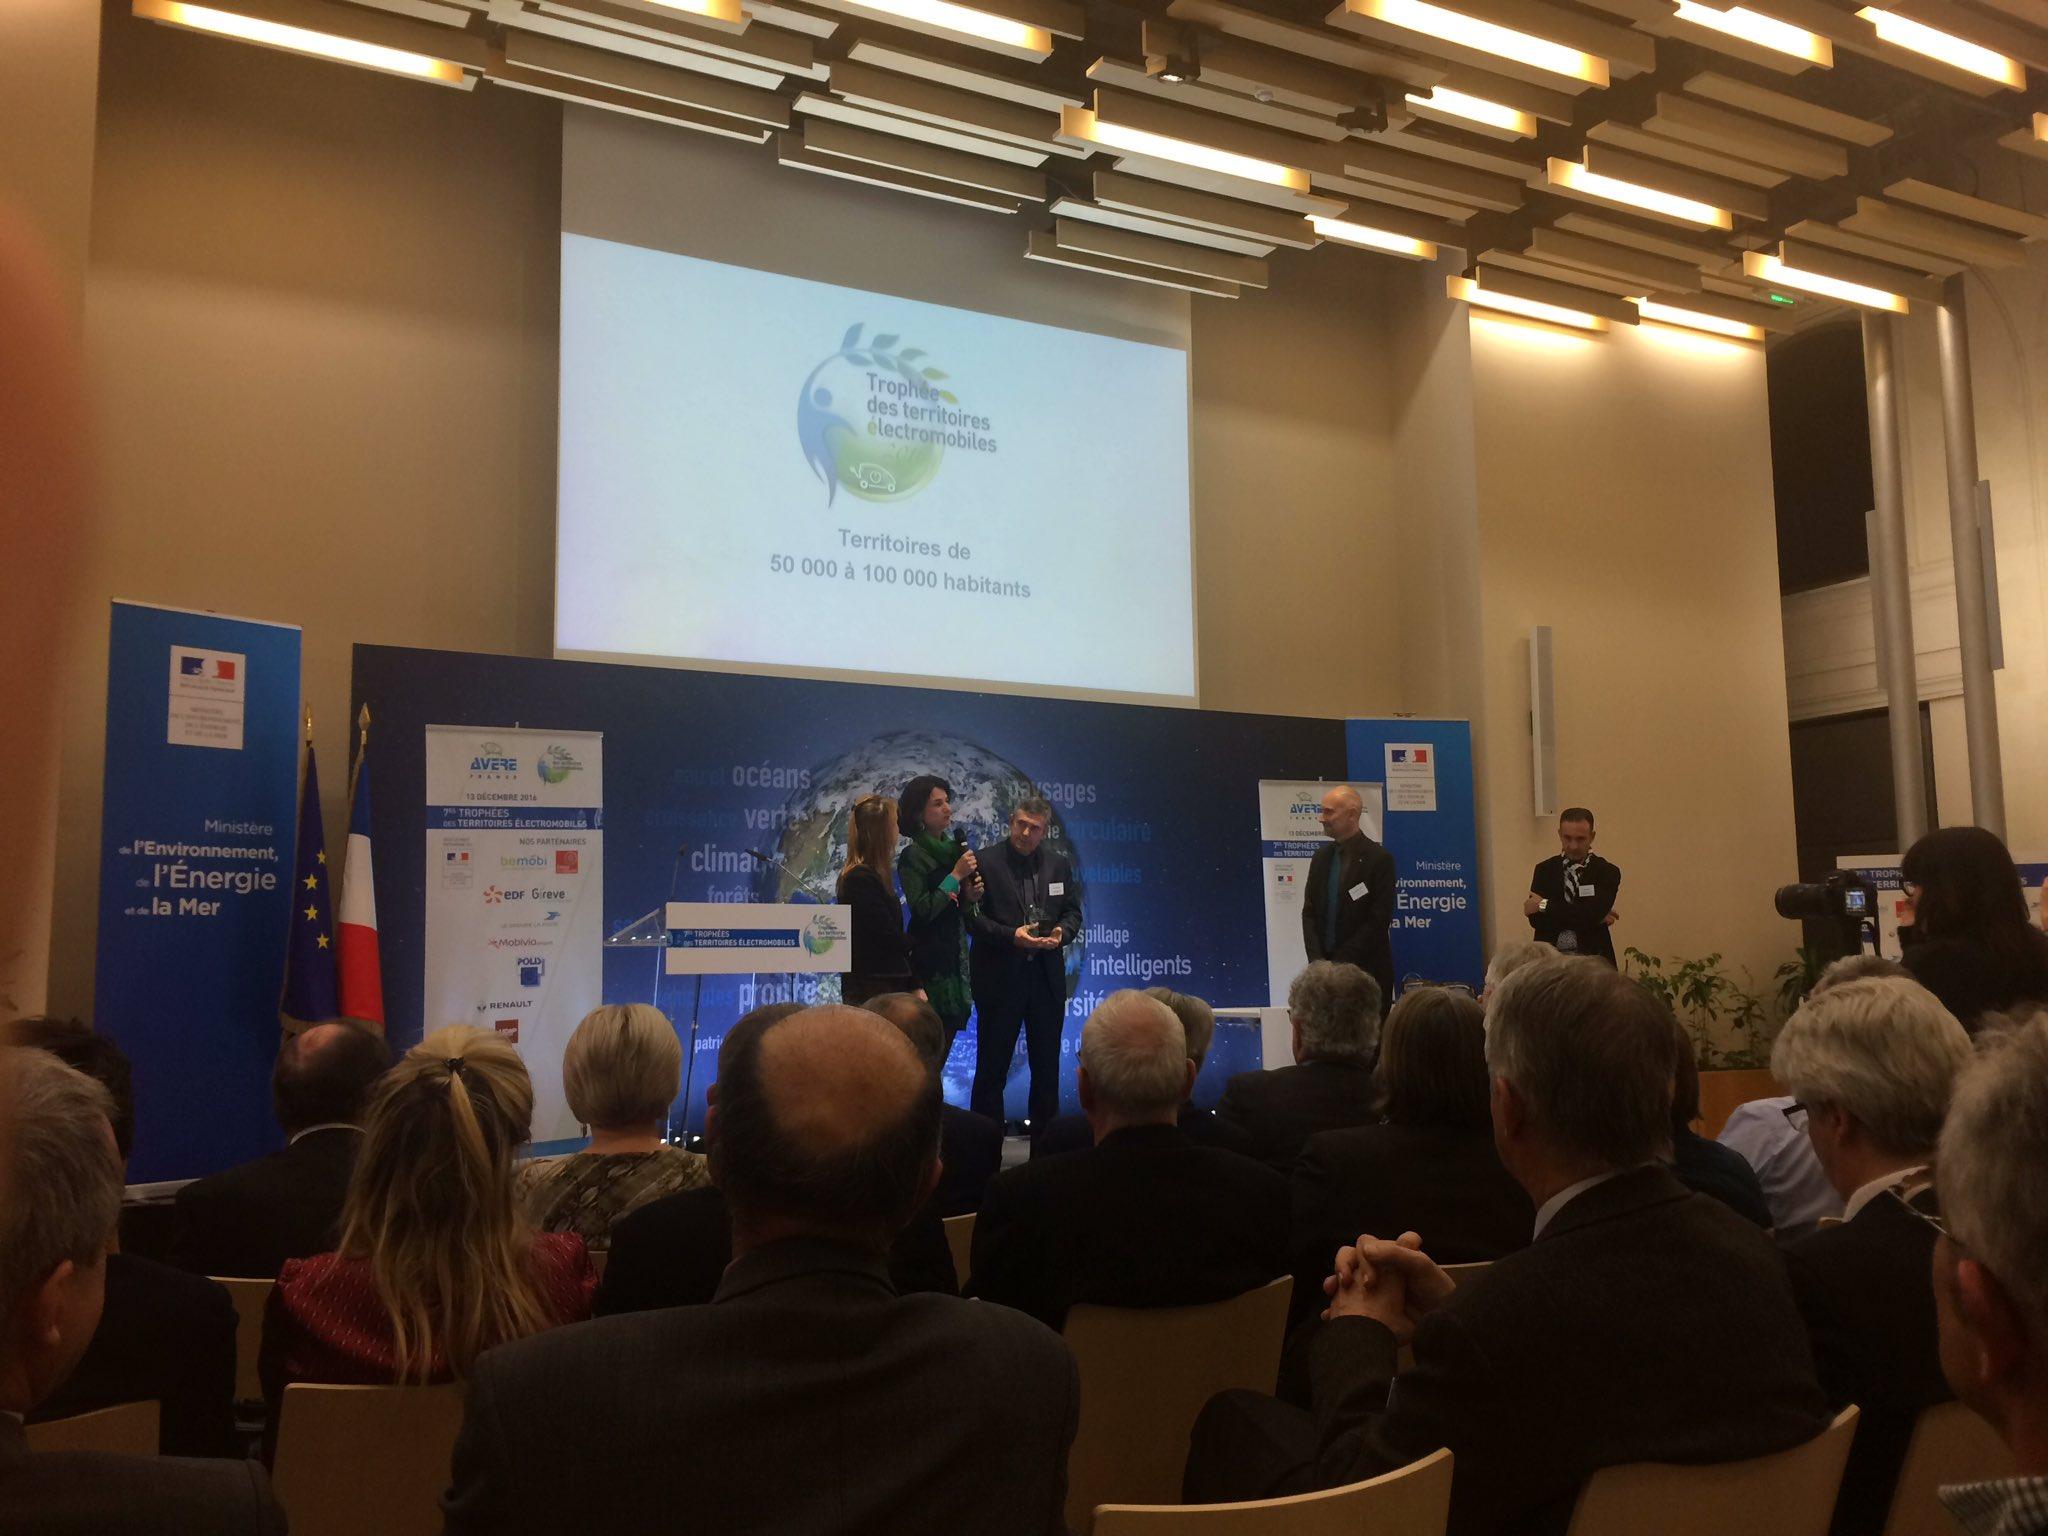 Prix des territoires 50/100kHab:  Agglo de La Roche sur Yon avec en particulier #CityCharge de #Bouygues_ES @anne_sicard #TrophéeVE https://t.co/8haEKHVE8z